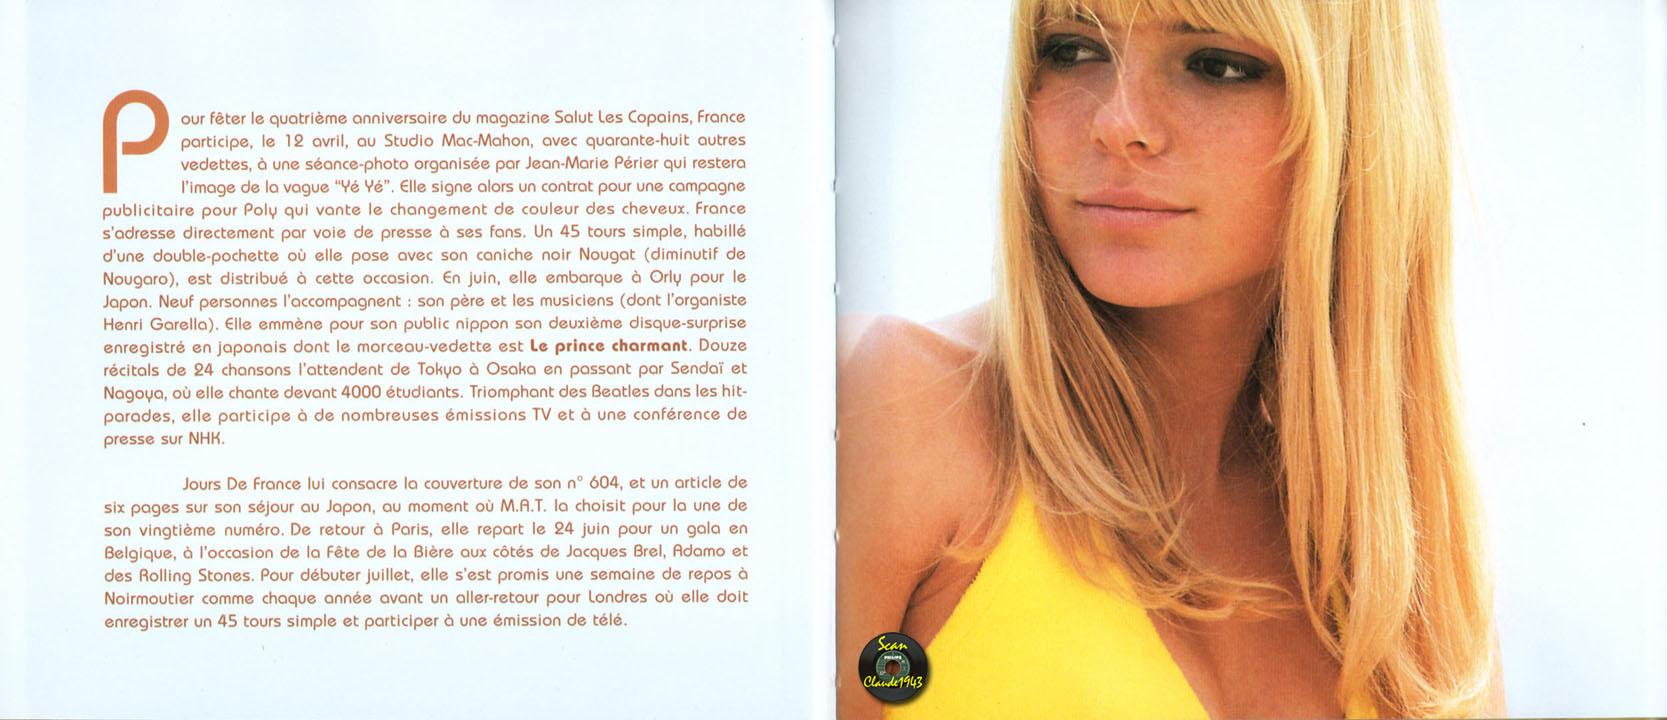 Partage de photos - Page 21 1963-120